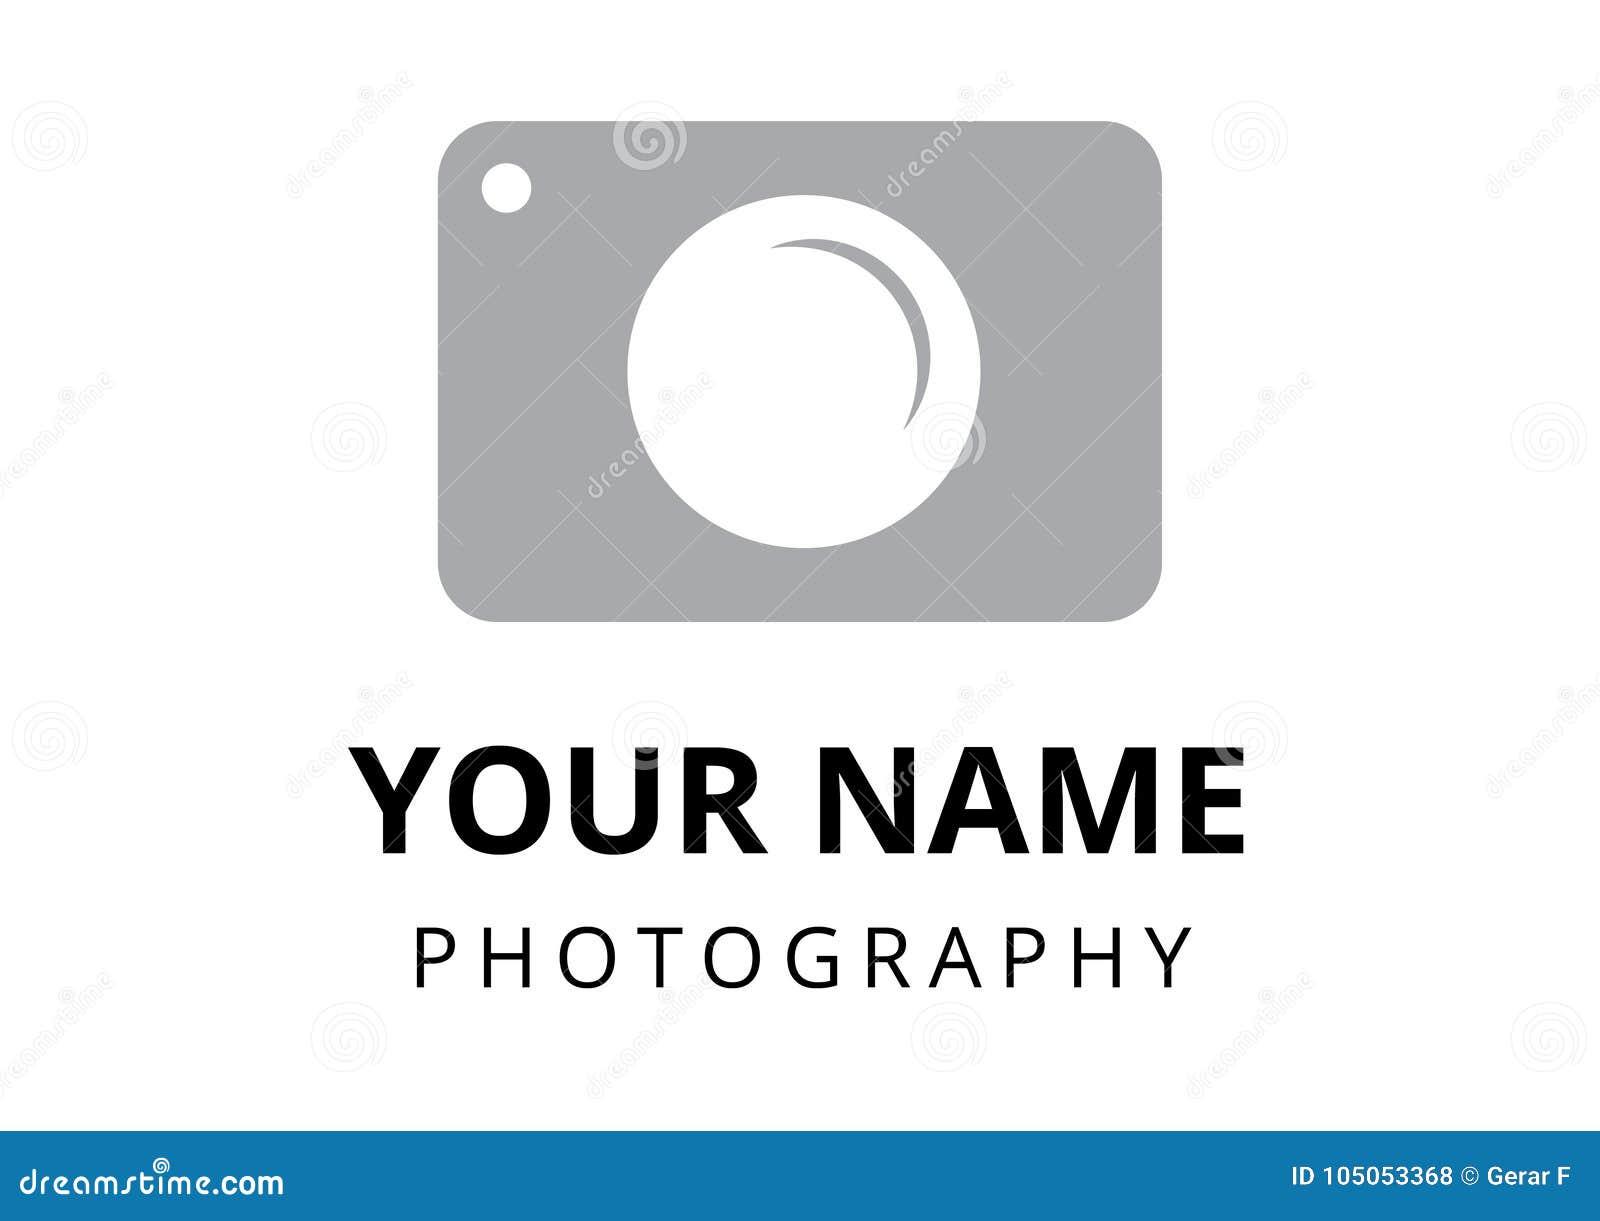 Photographer Logo Plain Style Stock Photo - Illustration of